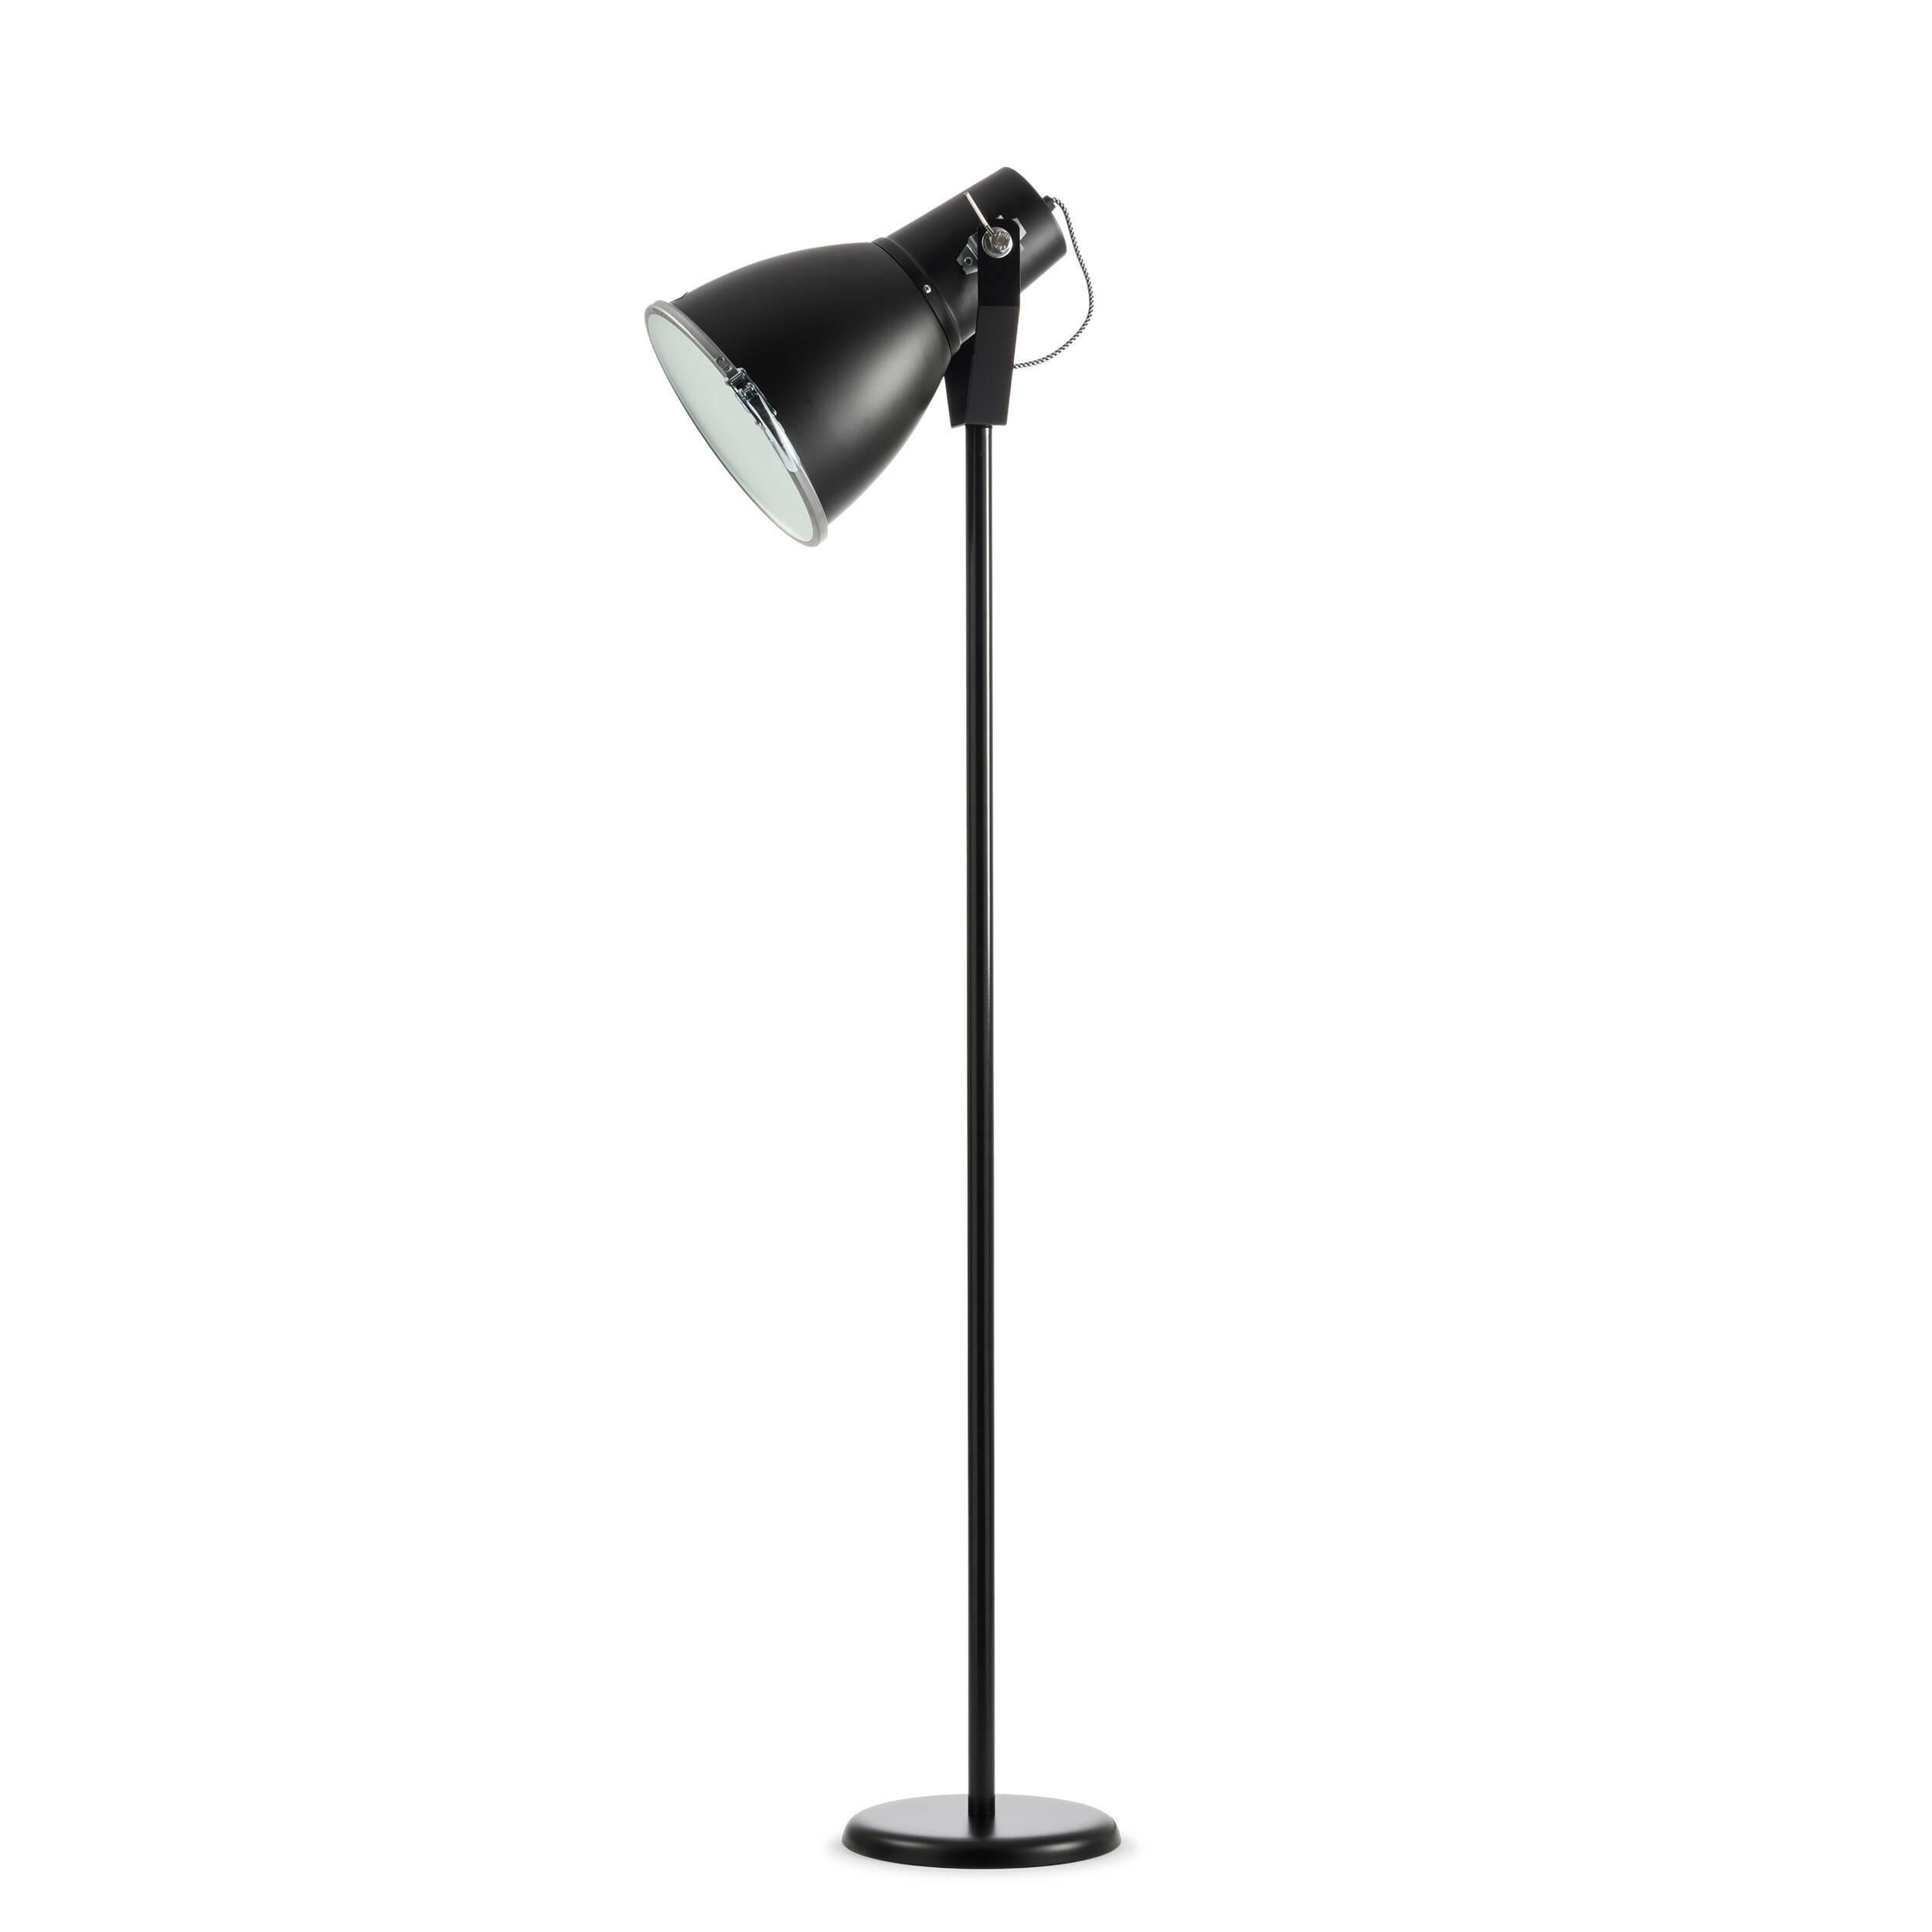 Напольный светильник Stirrup биокамин напольный классика в москве недорого